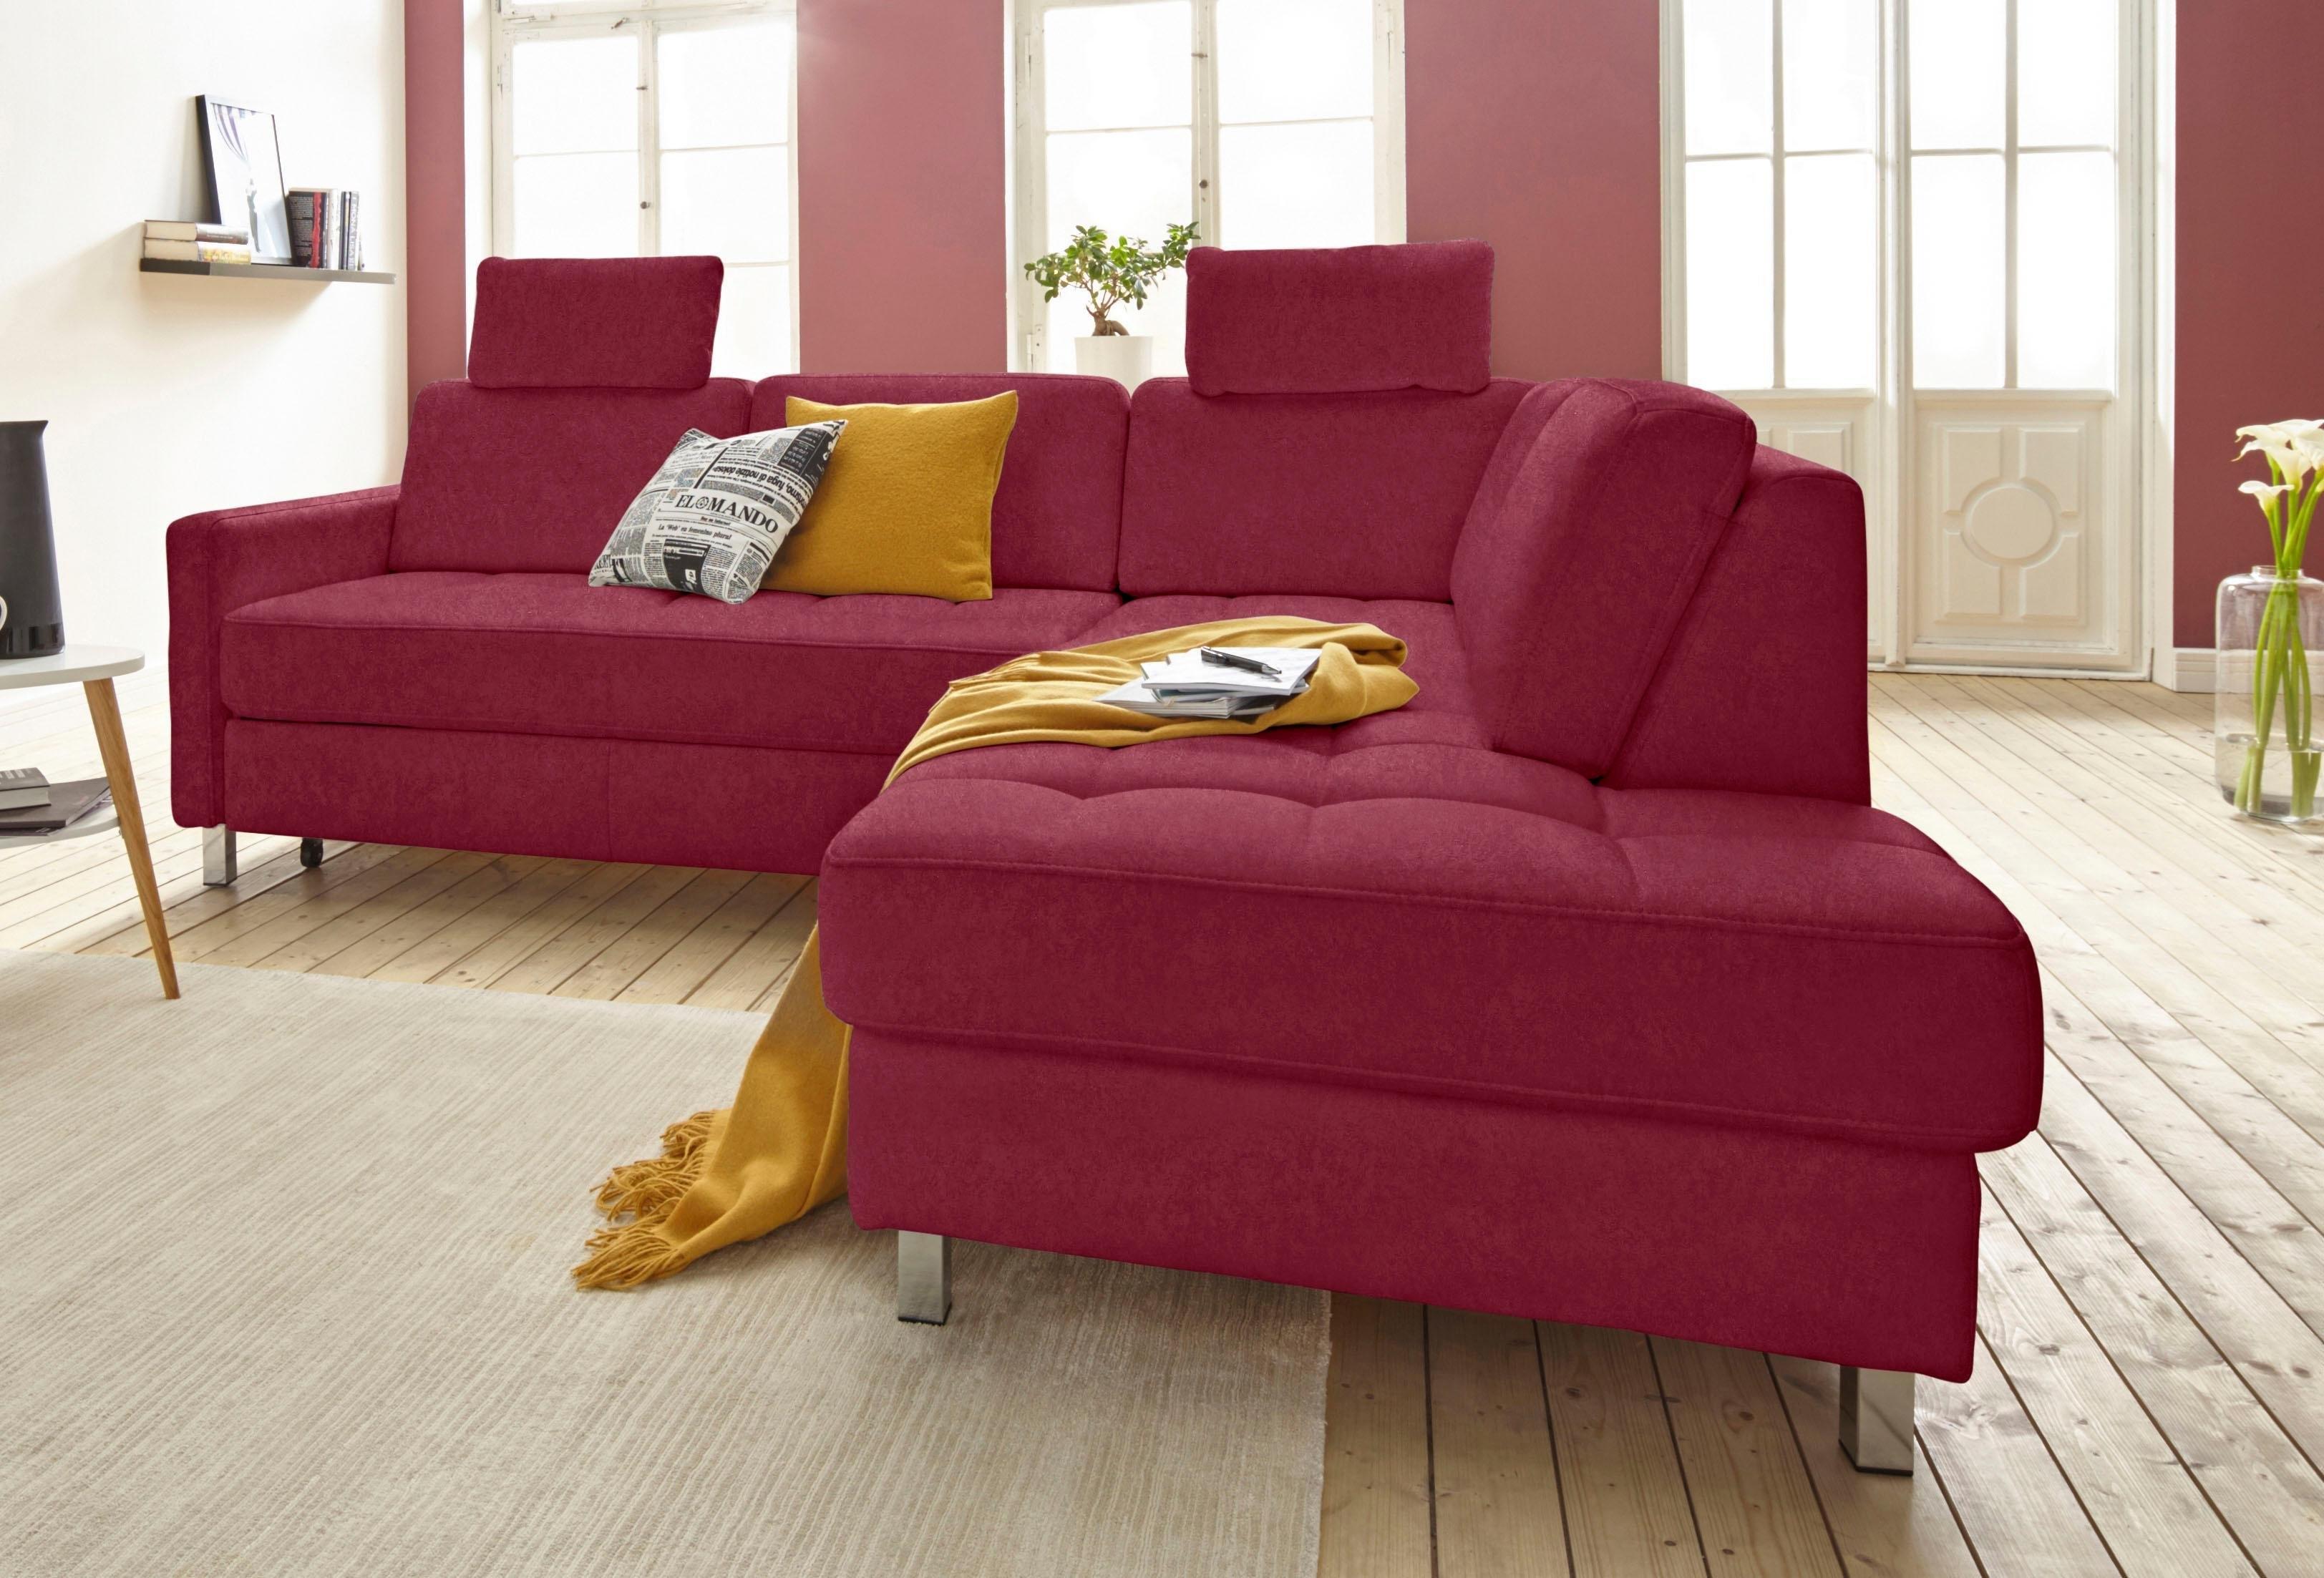 Sit&more hoekbank, naar keuze met slaapfunctie en bedkist veilig op otto.nl kopen